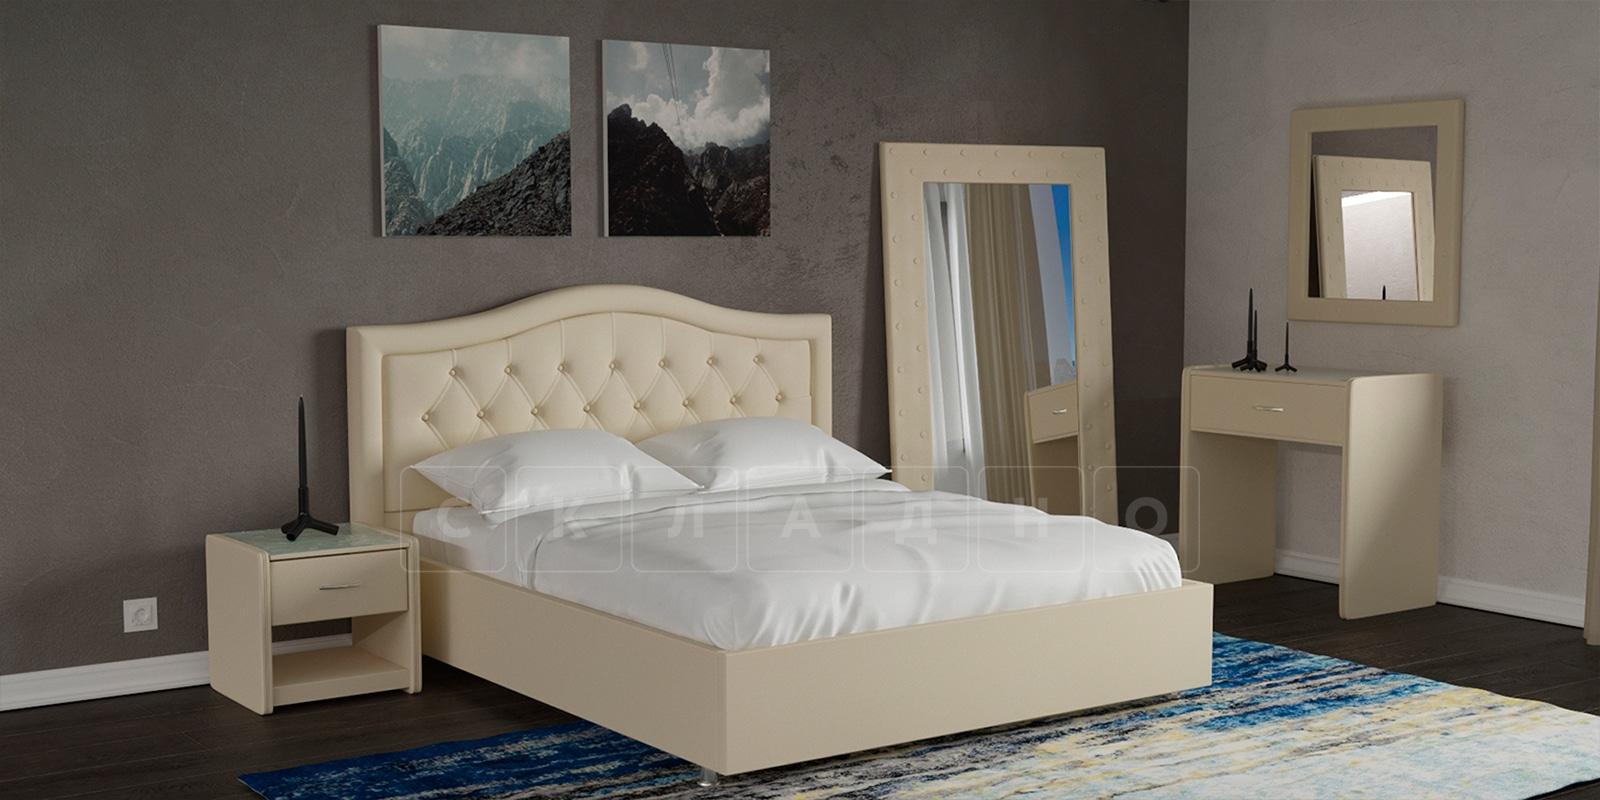 Мягкая кровать Малибу 160см экокожа бежевый вариант 9-2 фото 6 | интернет-магазин Складно